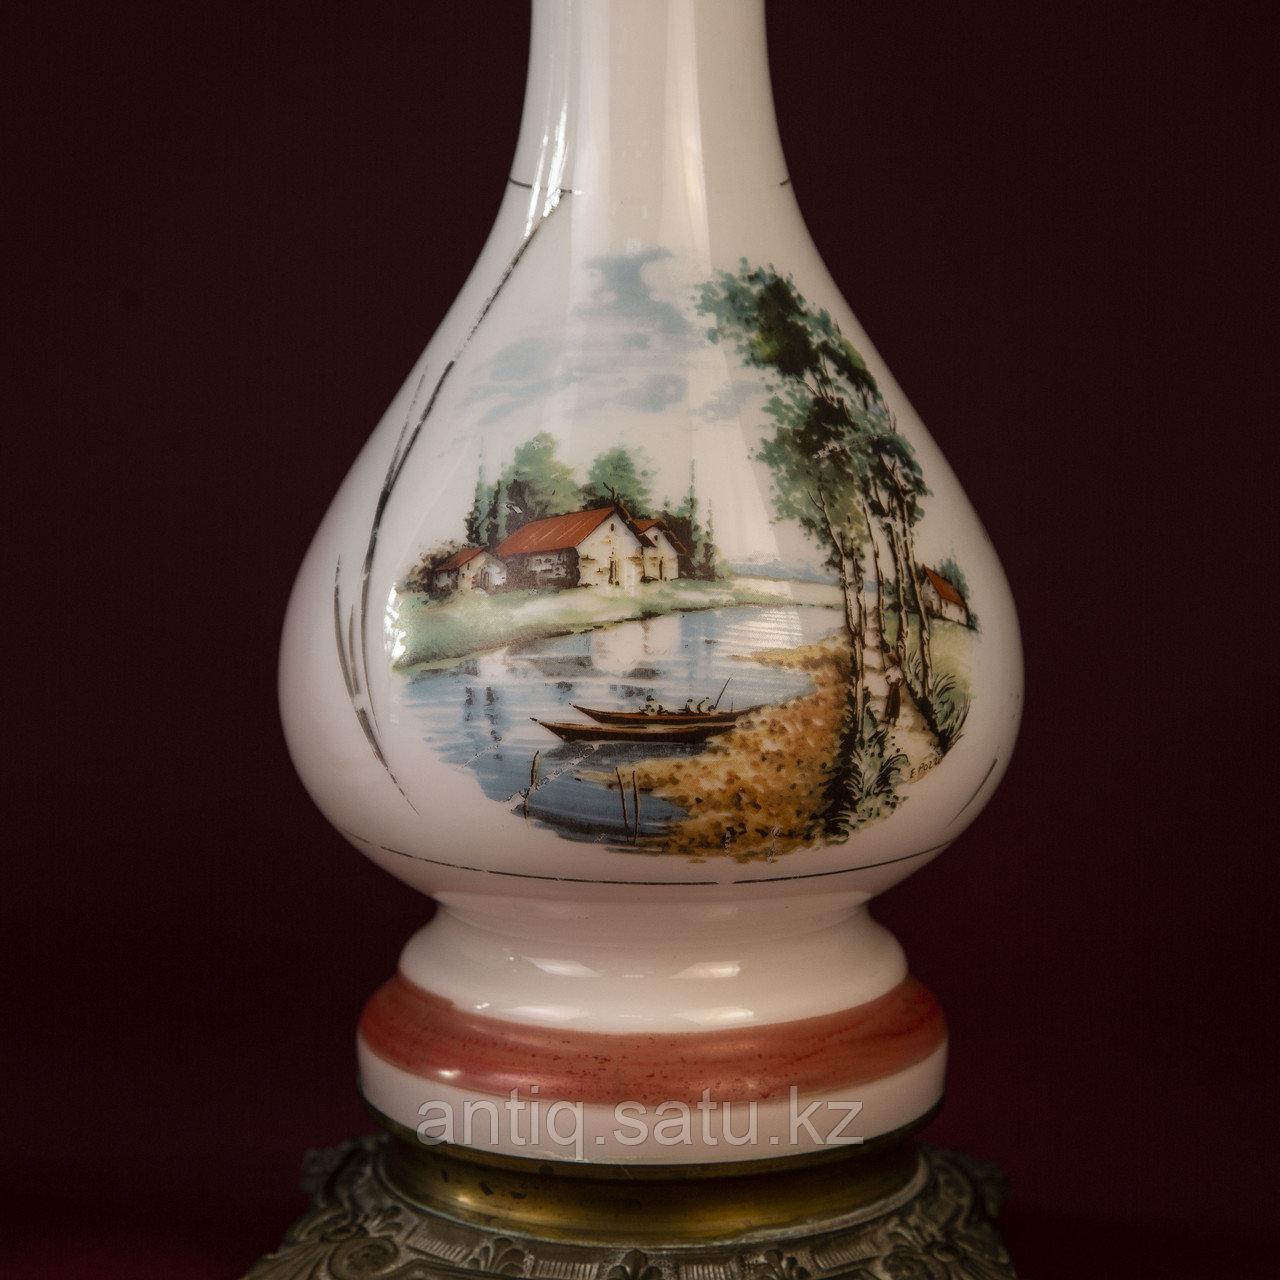 Парные керосиновые лампы с пейзажами Западная Европа. Конец XIX начало ХХ века - фото 6